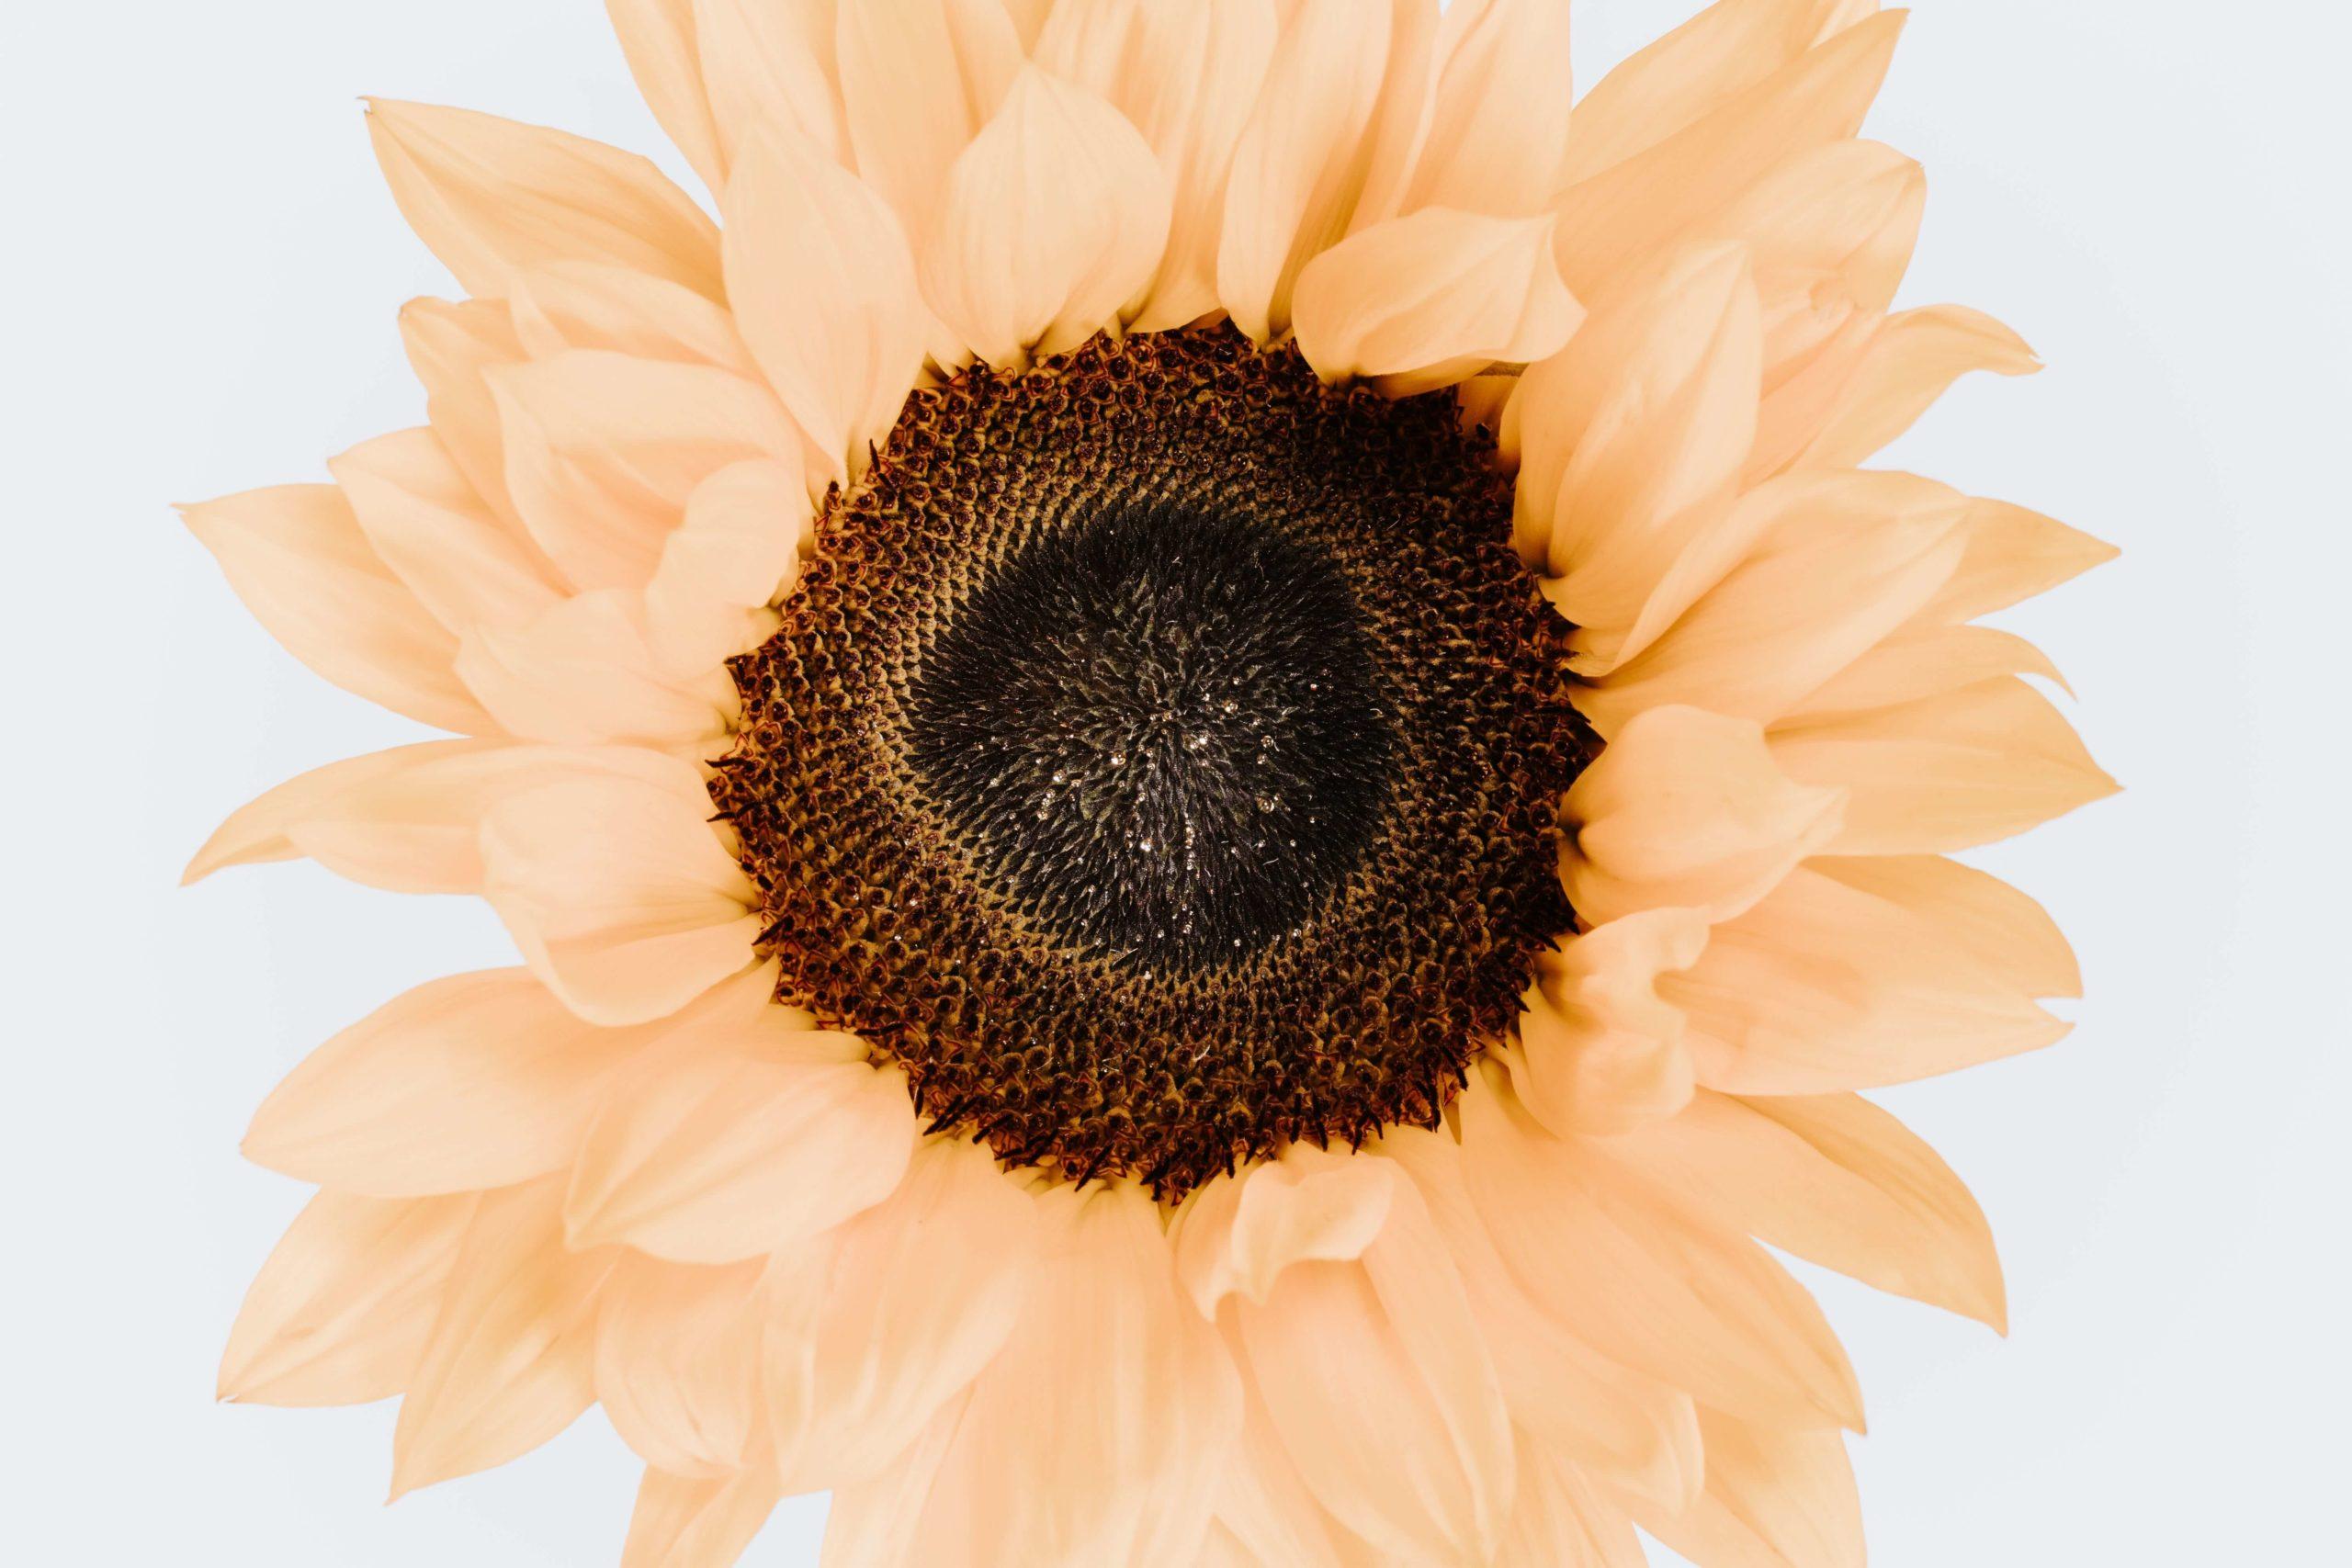 På billedet ses et closeup af en solsikke